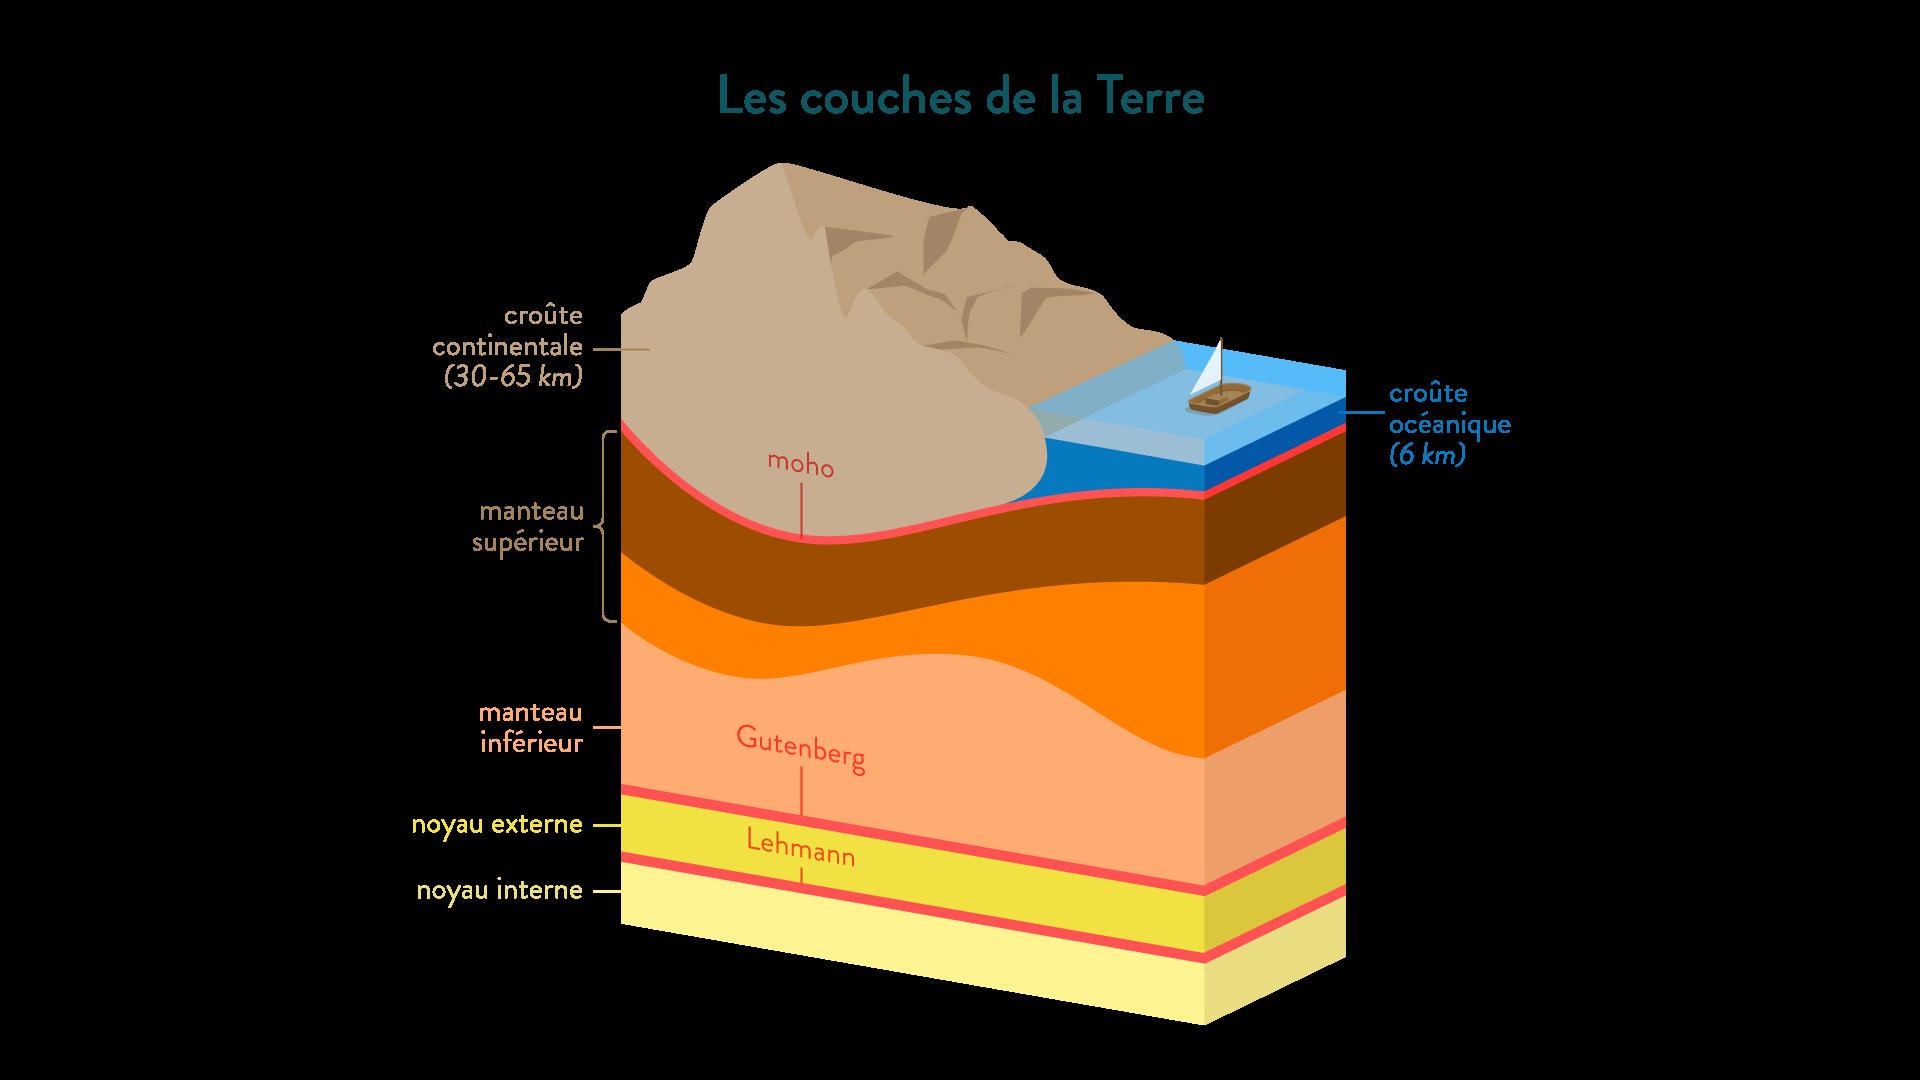 couches de la Terre croûte océanique continentale manteau supérieur inférieur noyau externe interne discontinuités moho gutenberg lehmann svt première schoolmouv